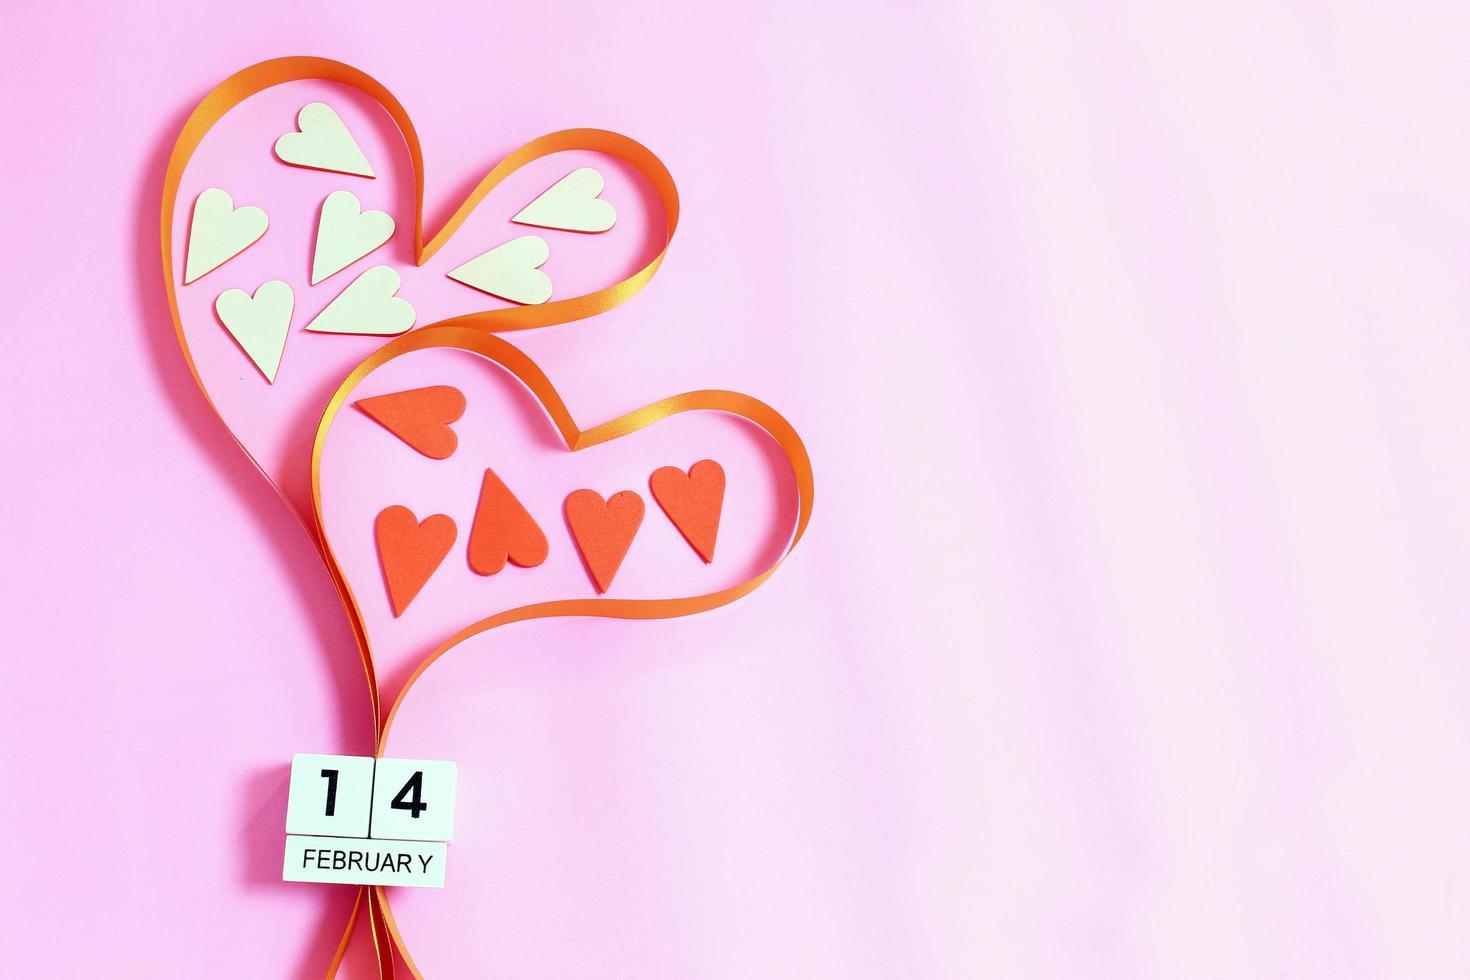 corazones de cinta para el día de san valentín foto